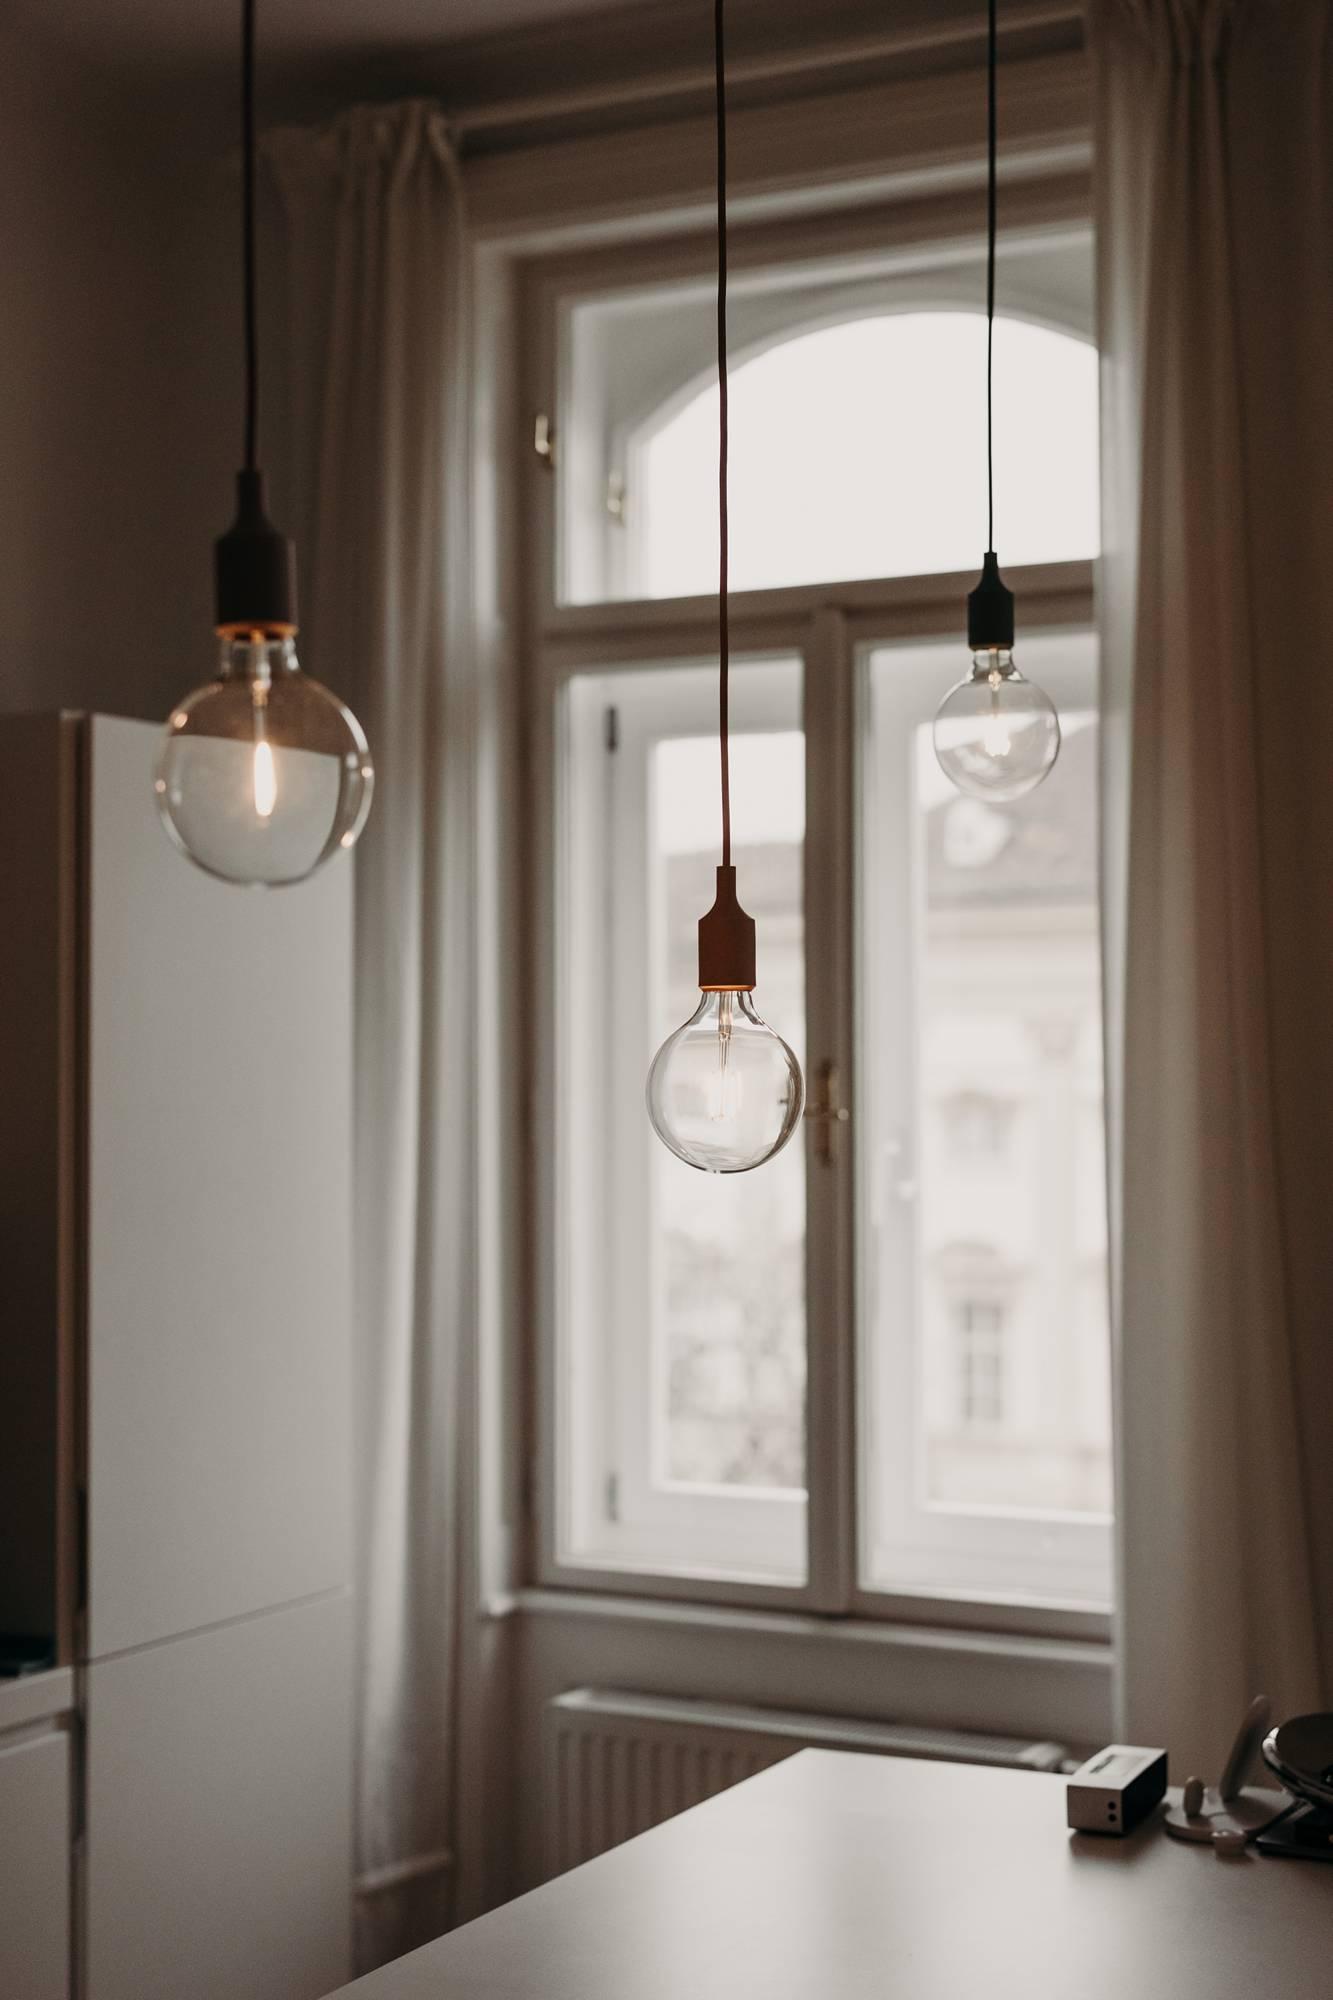 Bulb Lichtobjekt - Lichtgestaltung Küche Inspiration Wiener Wohnsinn